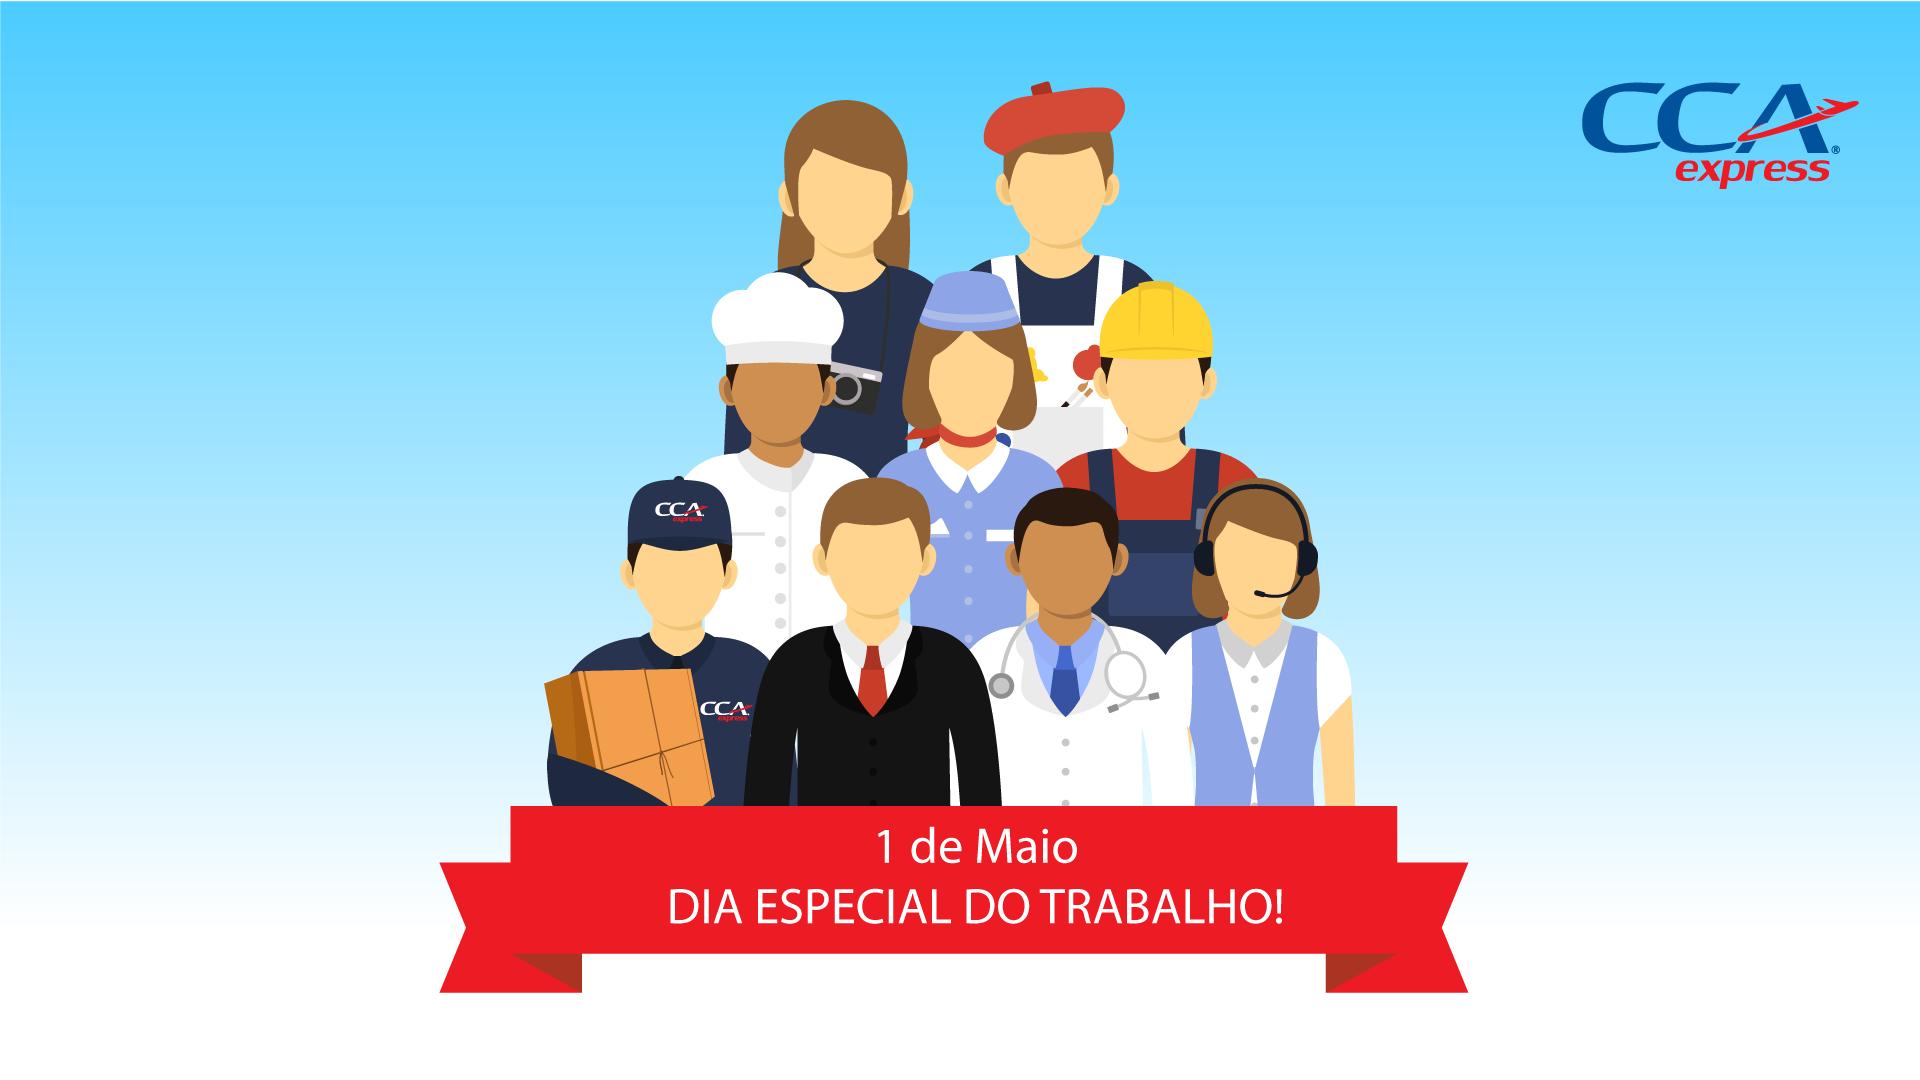 1 de Maio: Superação dos Trabalhadores